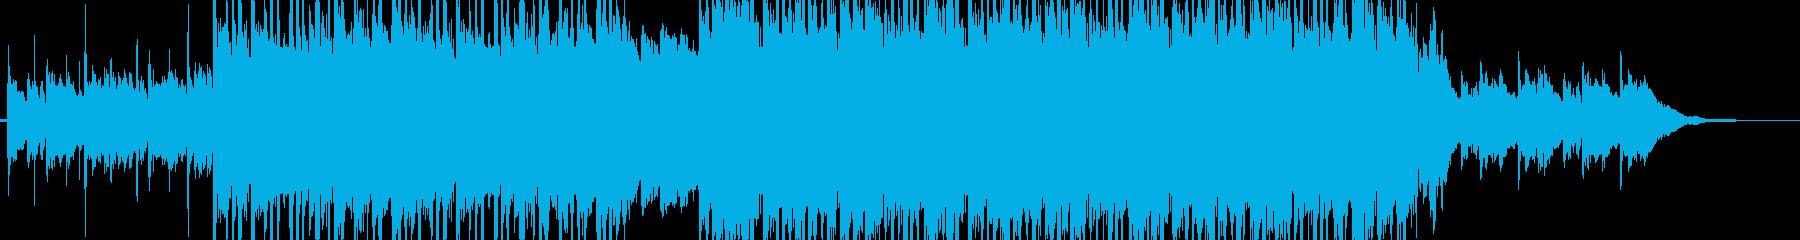 ポップインスト。音響の流れ、隆起、...の再生済みの波形